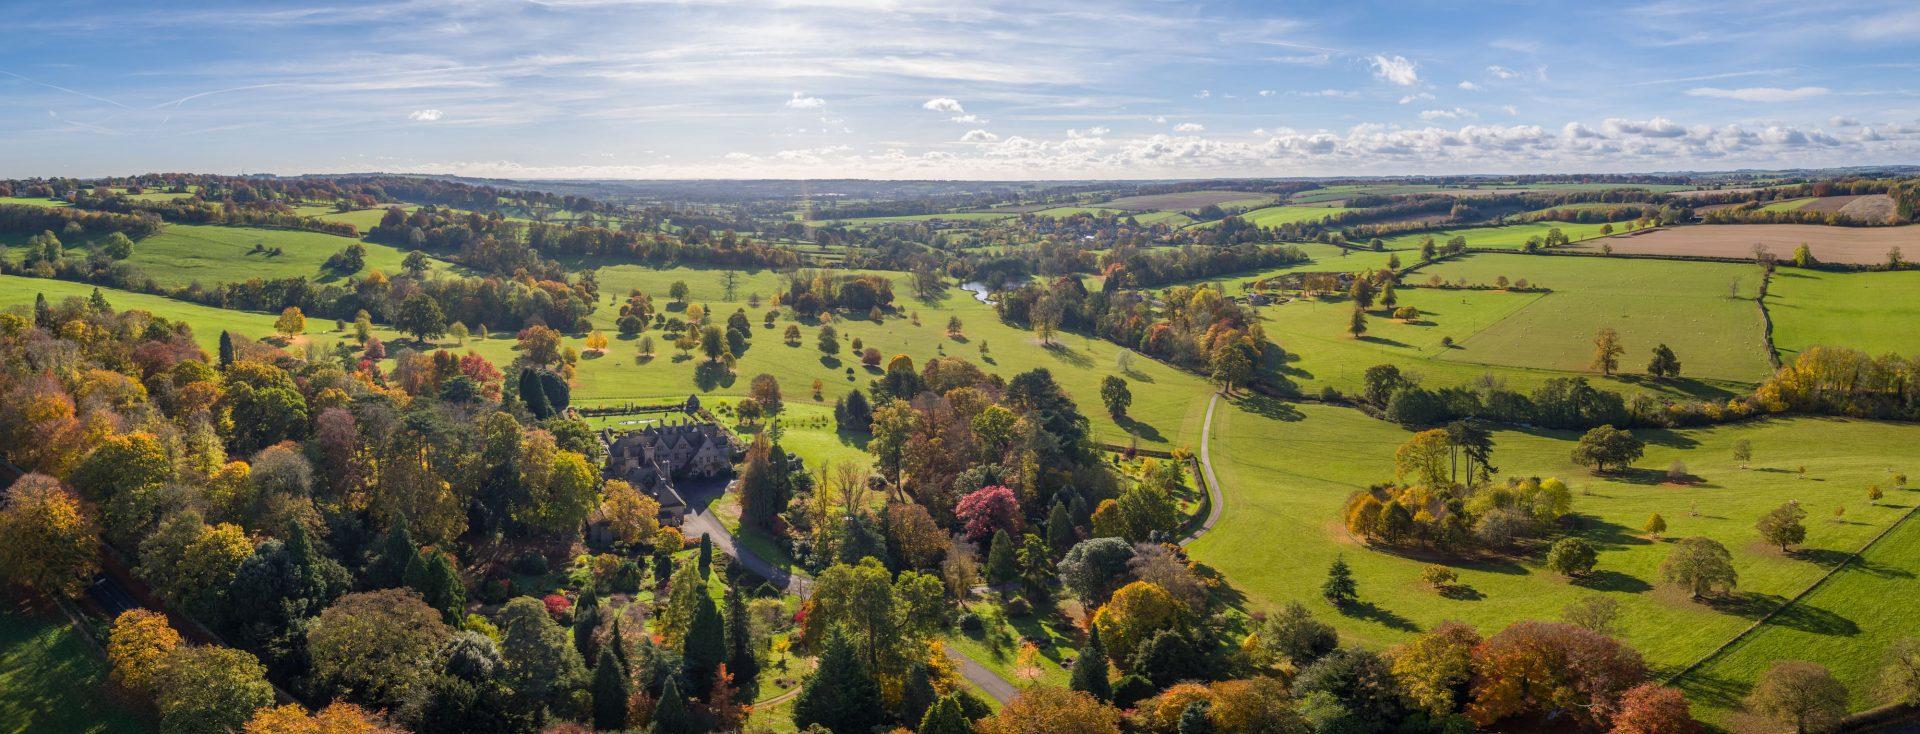 Luxury Manor House Gloucestershire